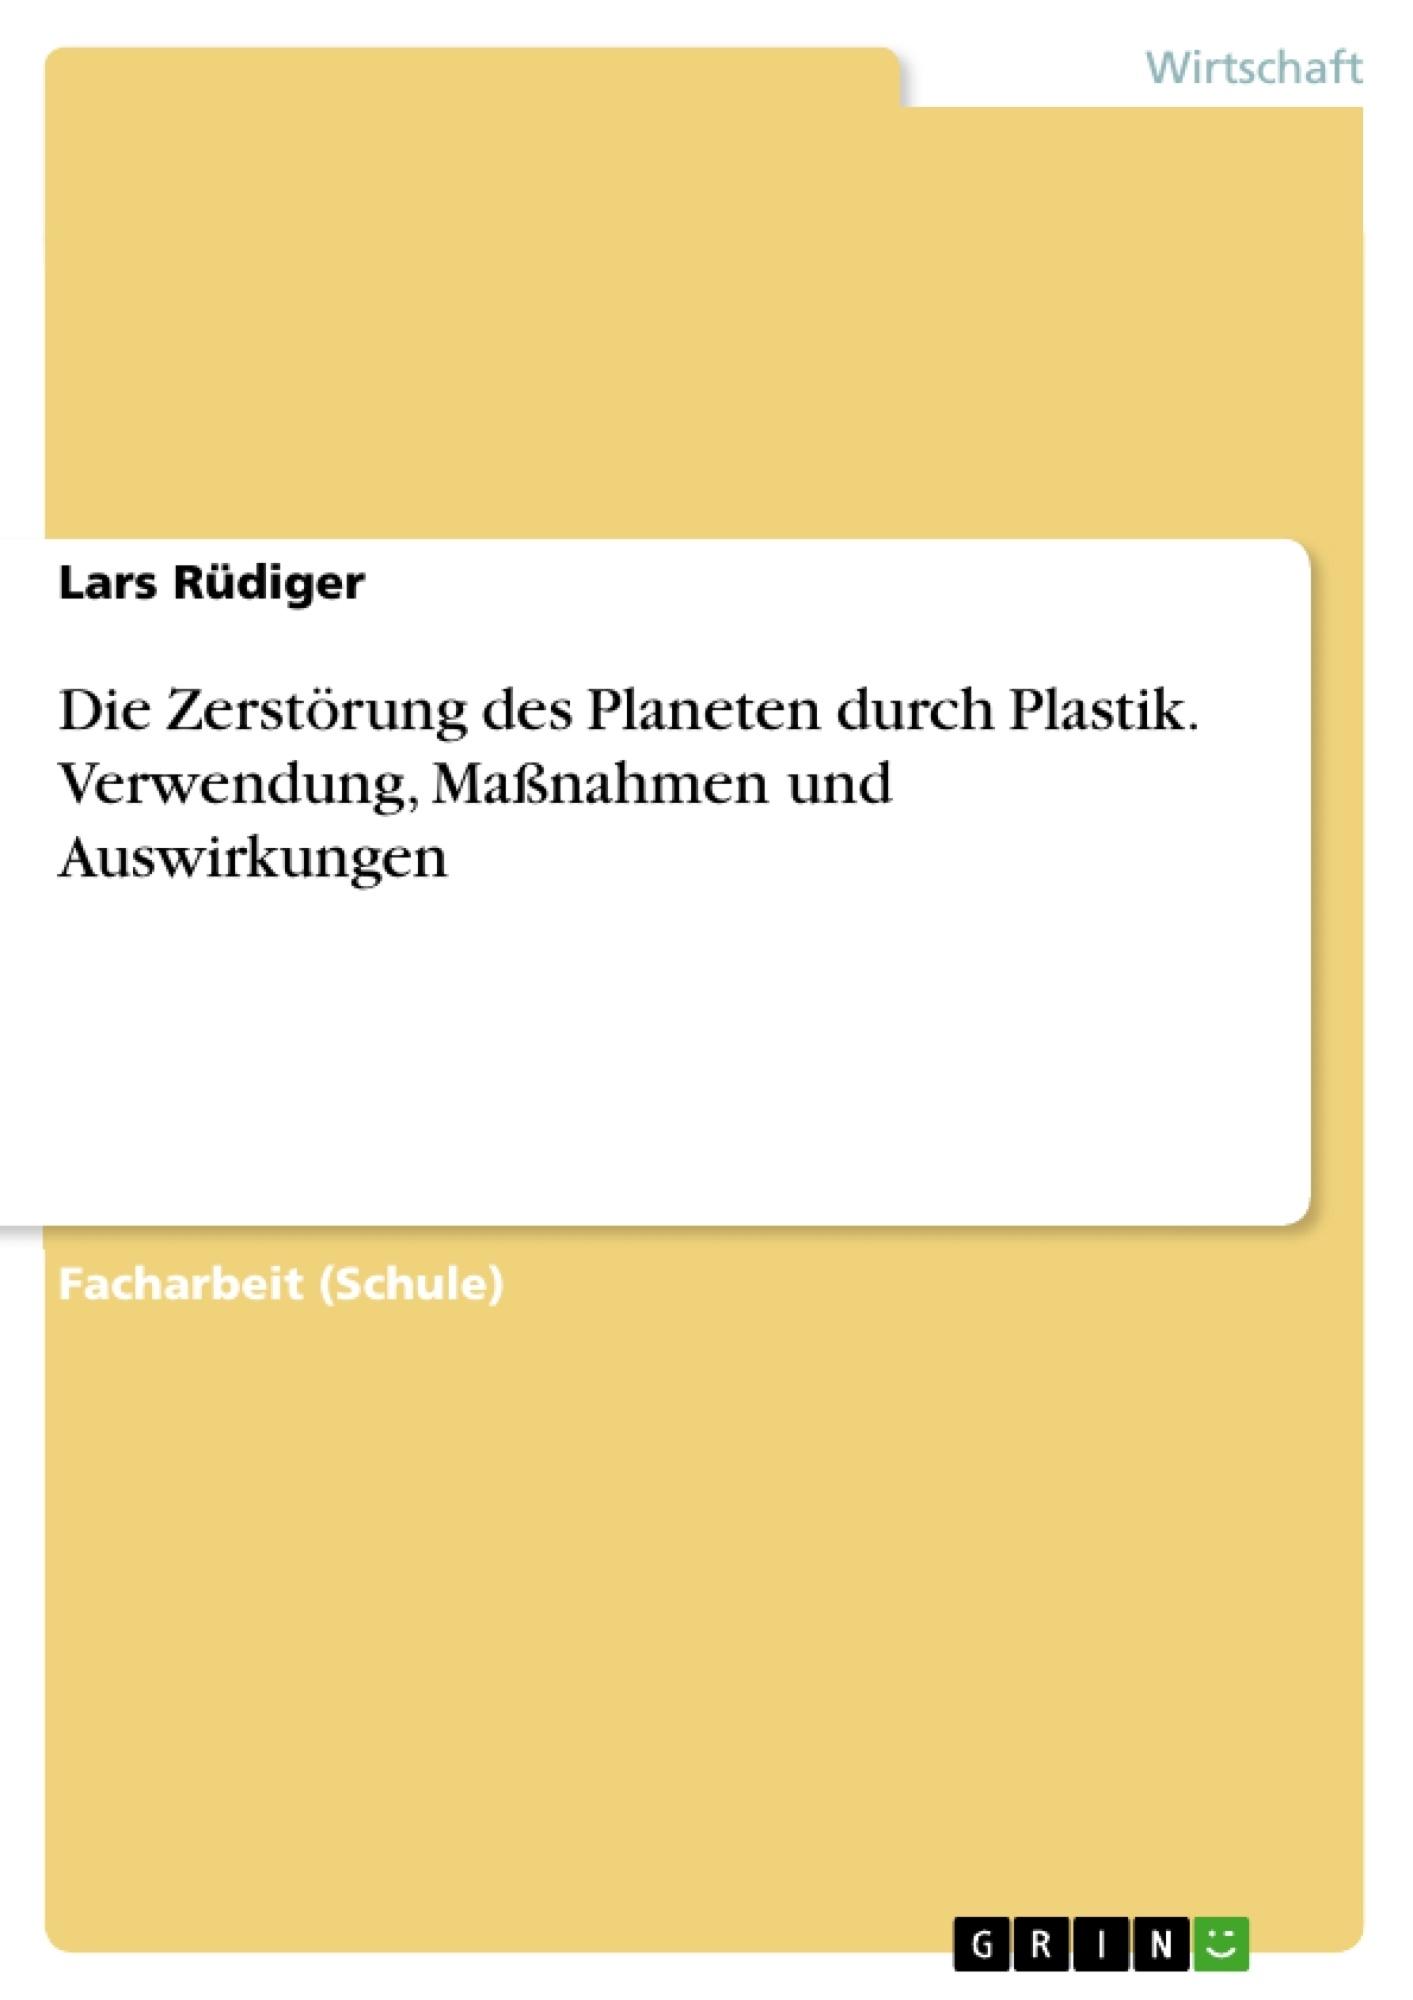 Titel: Die Zerstörung des Planeten durch Plastik. Verwendung, Maßnahmen und Auswirkungen